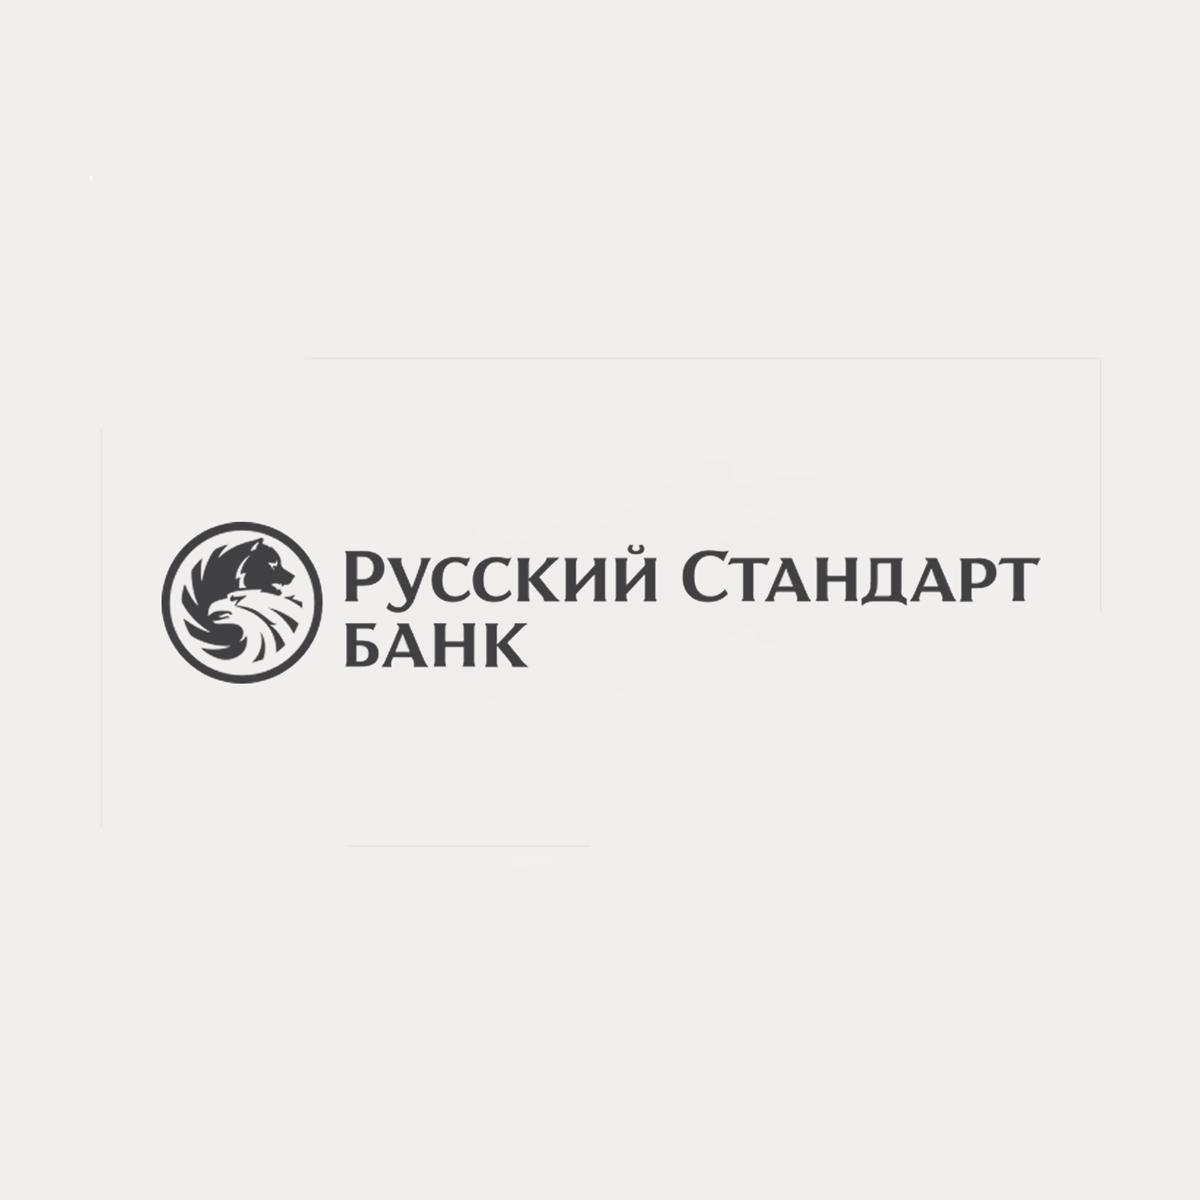 взять кредит в банке русский стандарт без справок и поручителей онлайн заявка